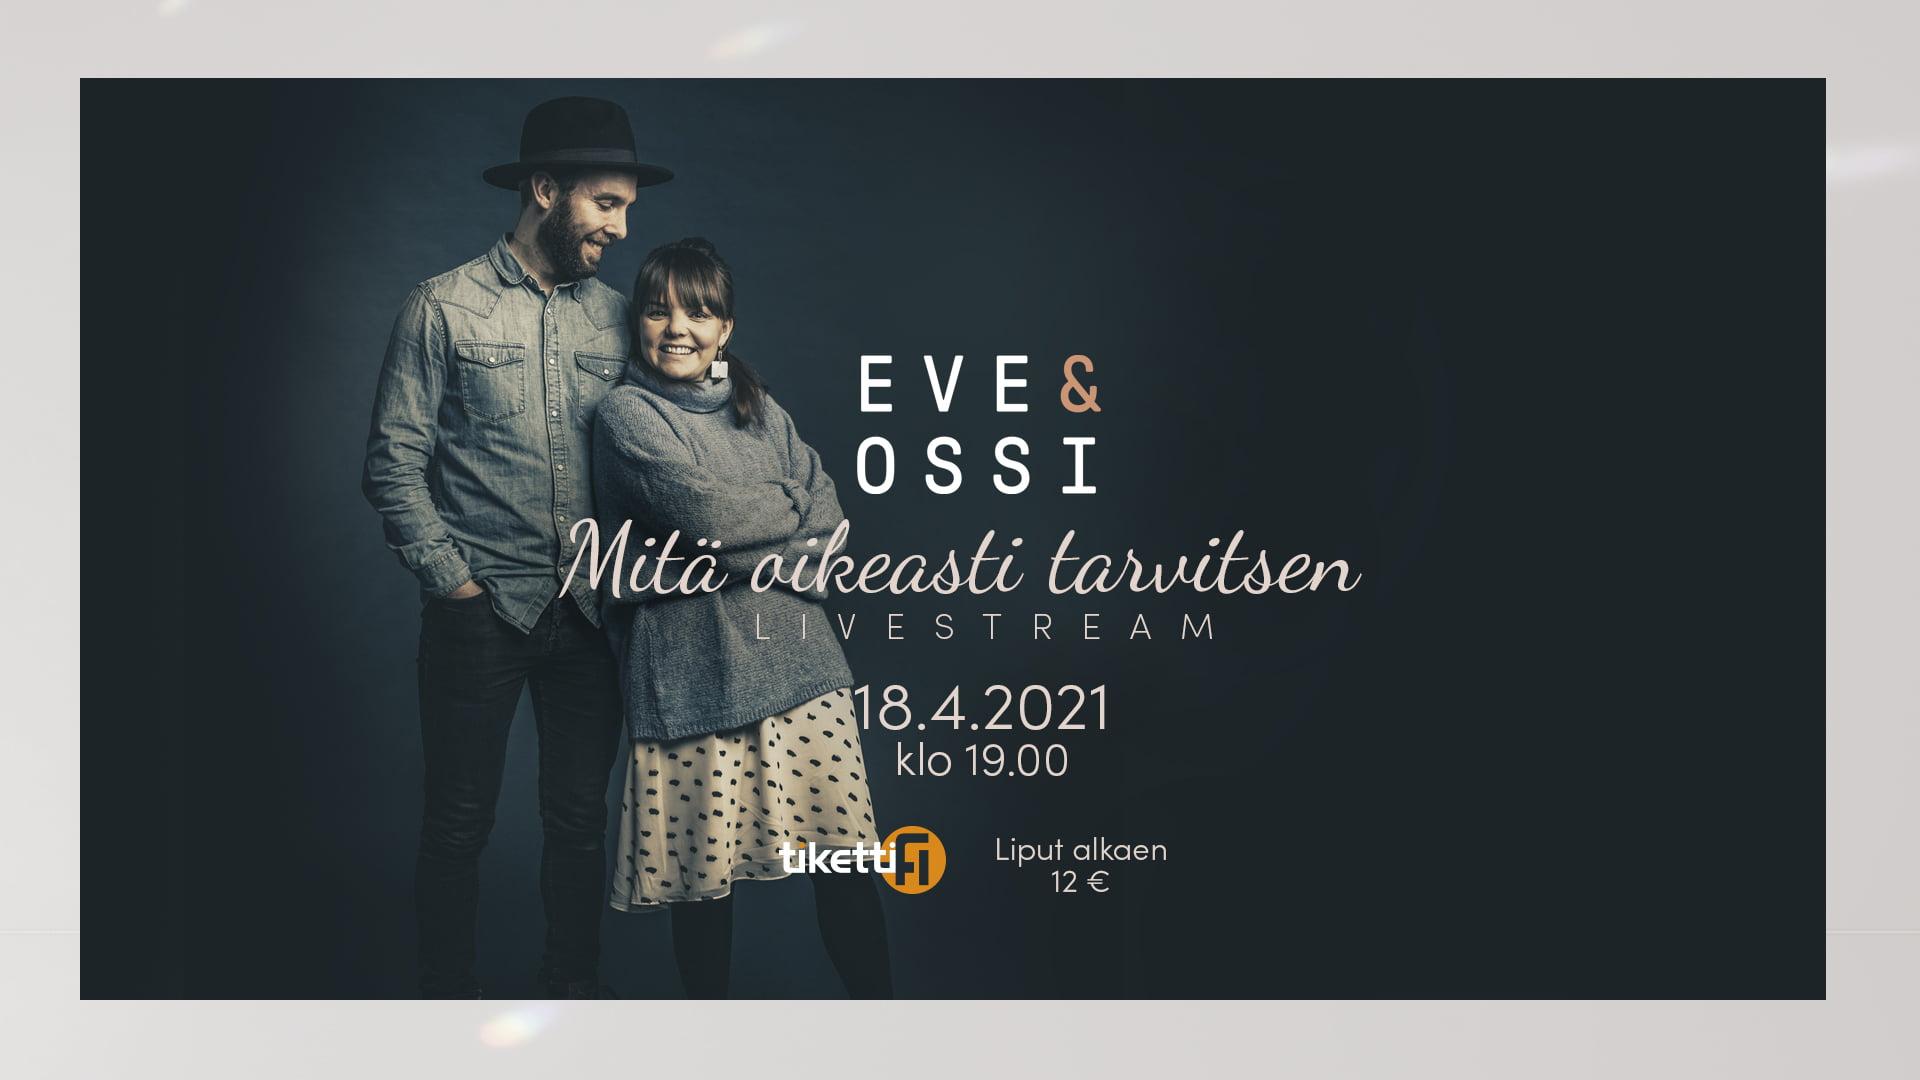 Even & Ossin – Mitä Oikeasti Tarvitsen Livestream-konsertti 18.4. Klo 19.00